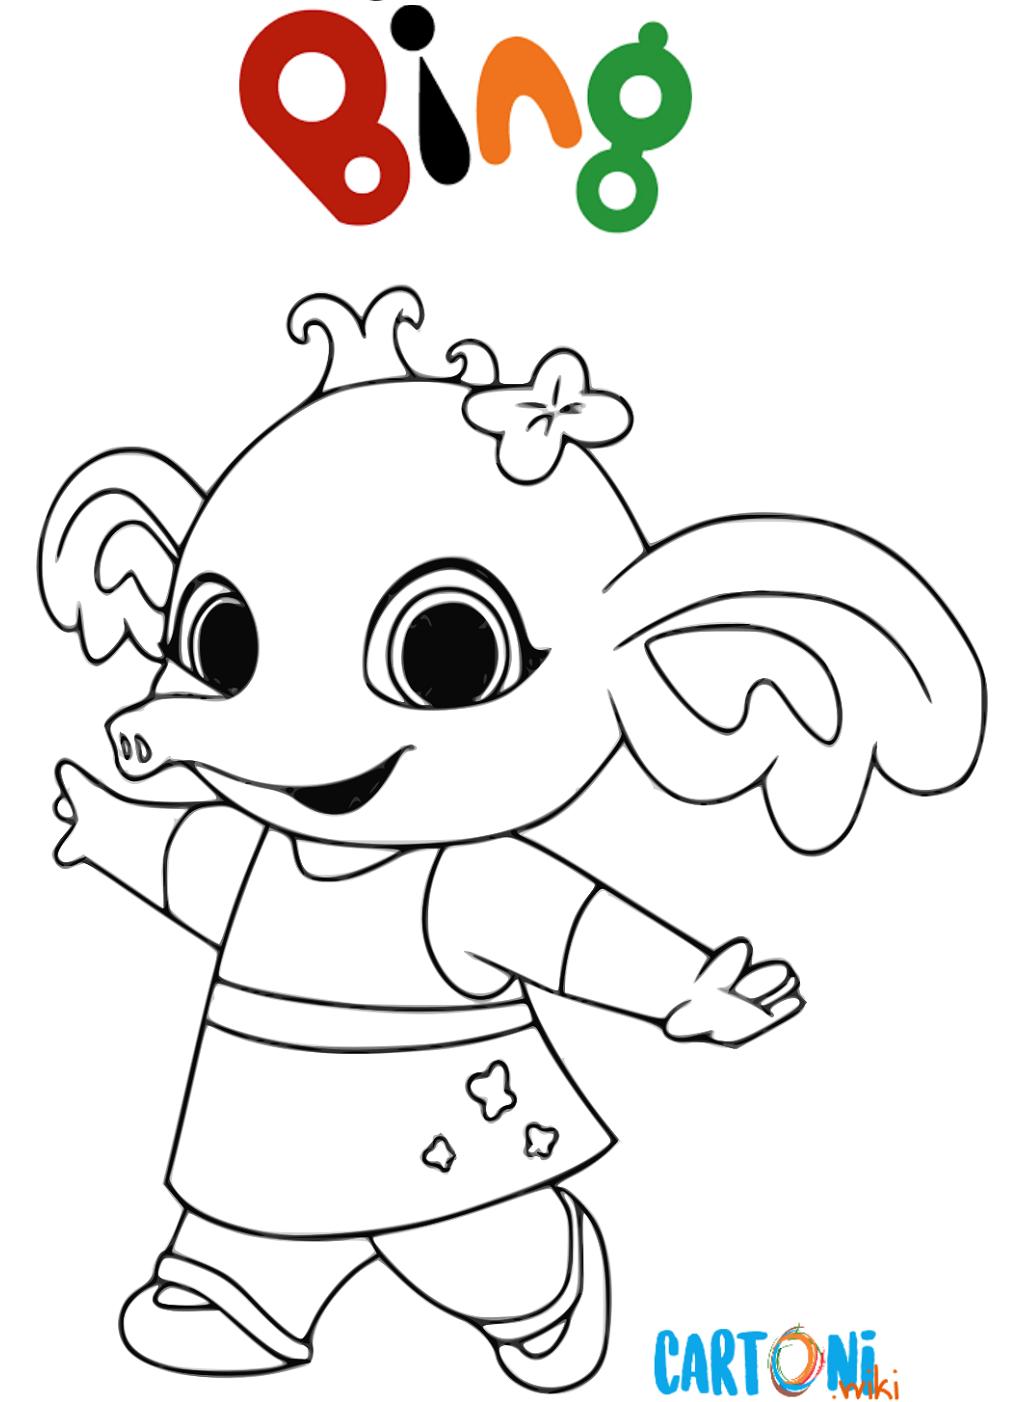 Disegni Bing Da Colorare Cartoni Animati